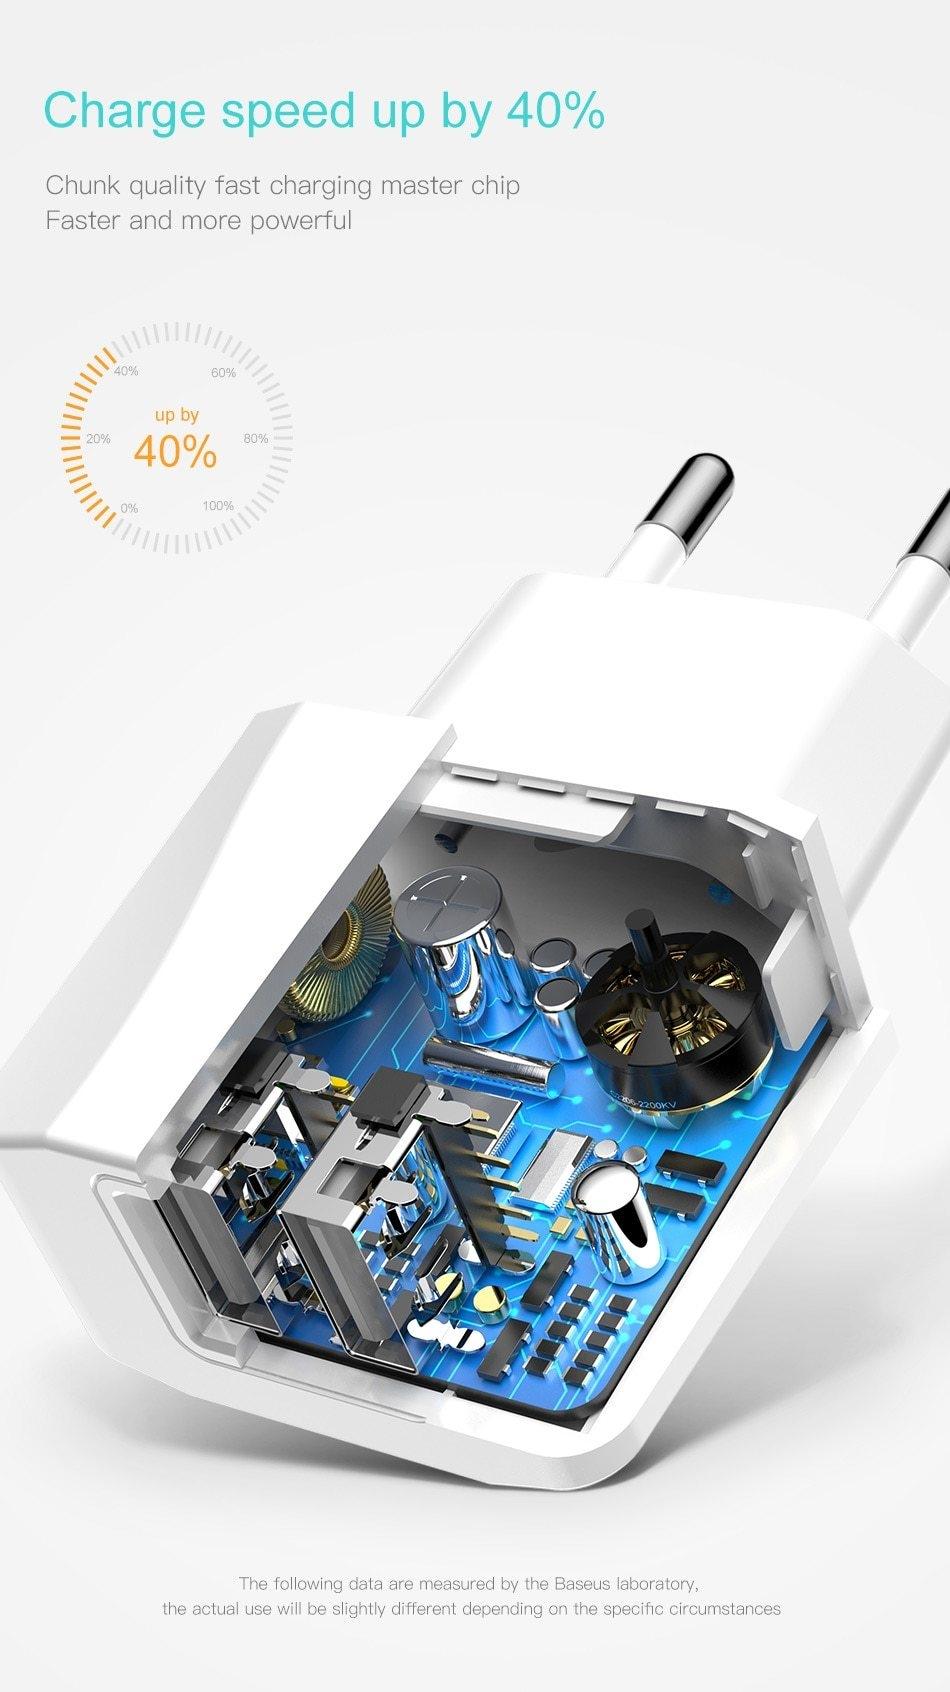 Baseus double chargeur USB prise ue 2.1A Max chargeur de téléphone Portable à charge rapide